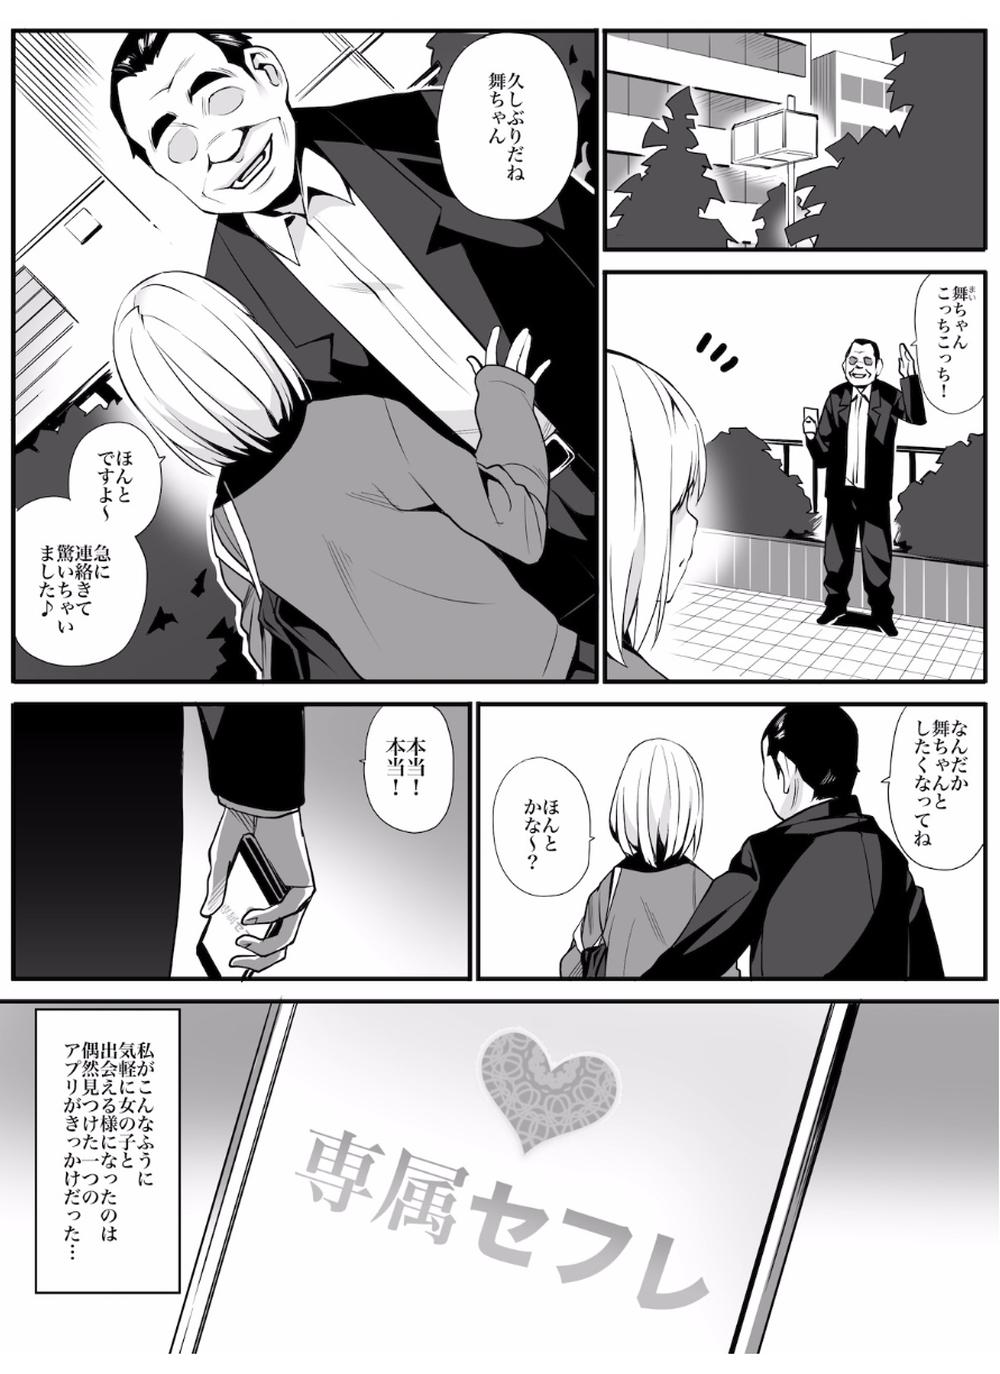 【エロ漫画】専属セフレアプリでOL、人妻、少女とやりたい放題セックスをする中年男w【無料 エロ同人誌】 (2)